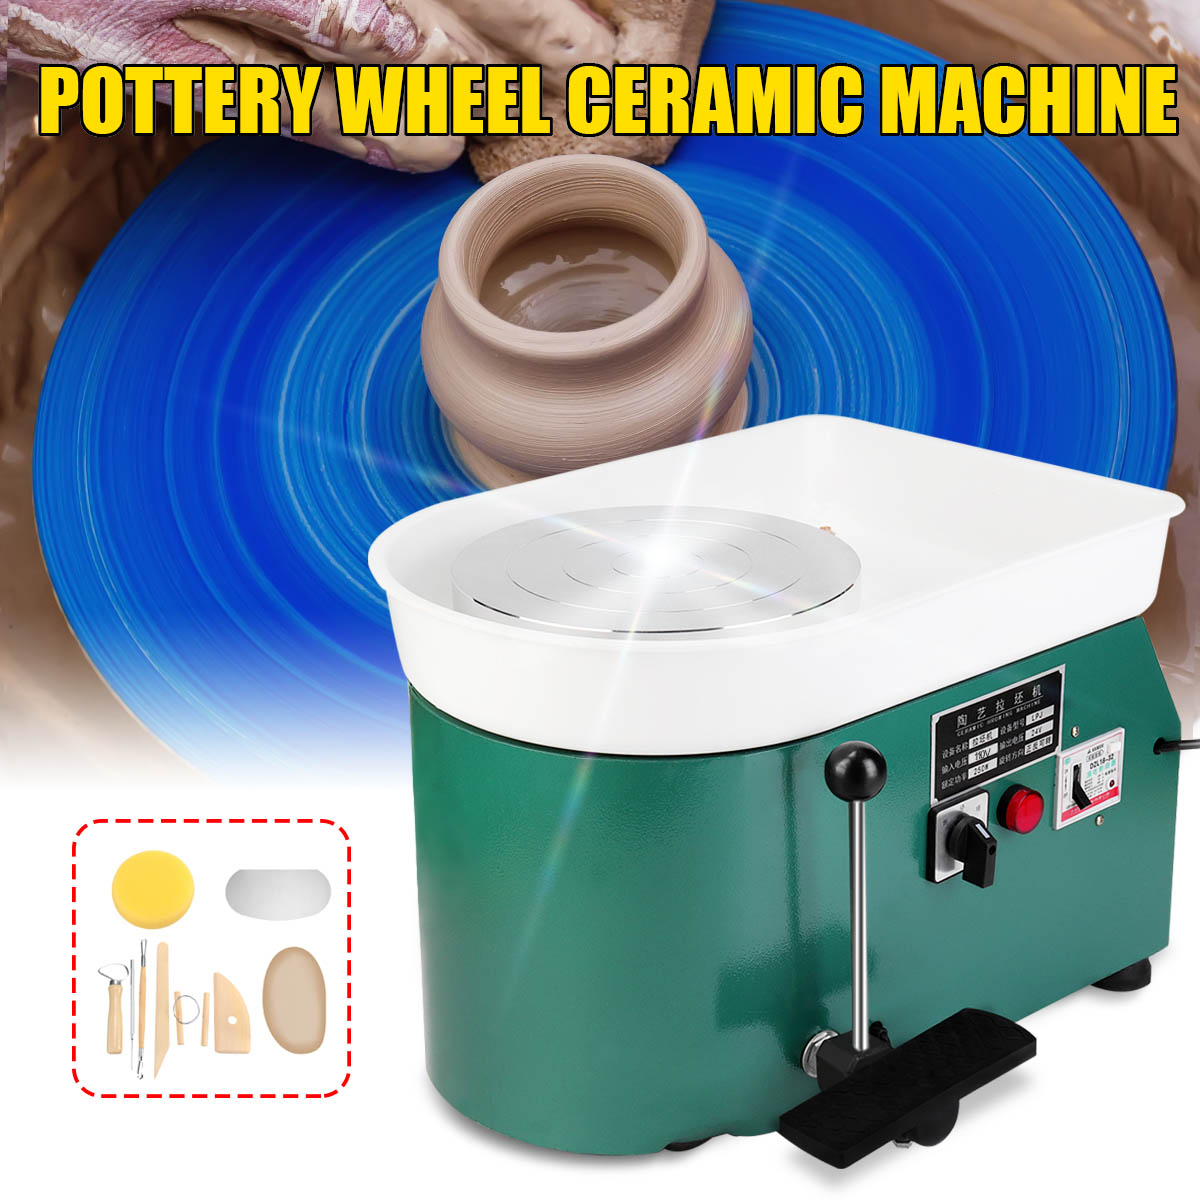 US élégant vert électrique poterie roue Machine accessoire céramique argile outil pied pédale Art artisanat 250 W 110 V - 2